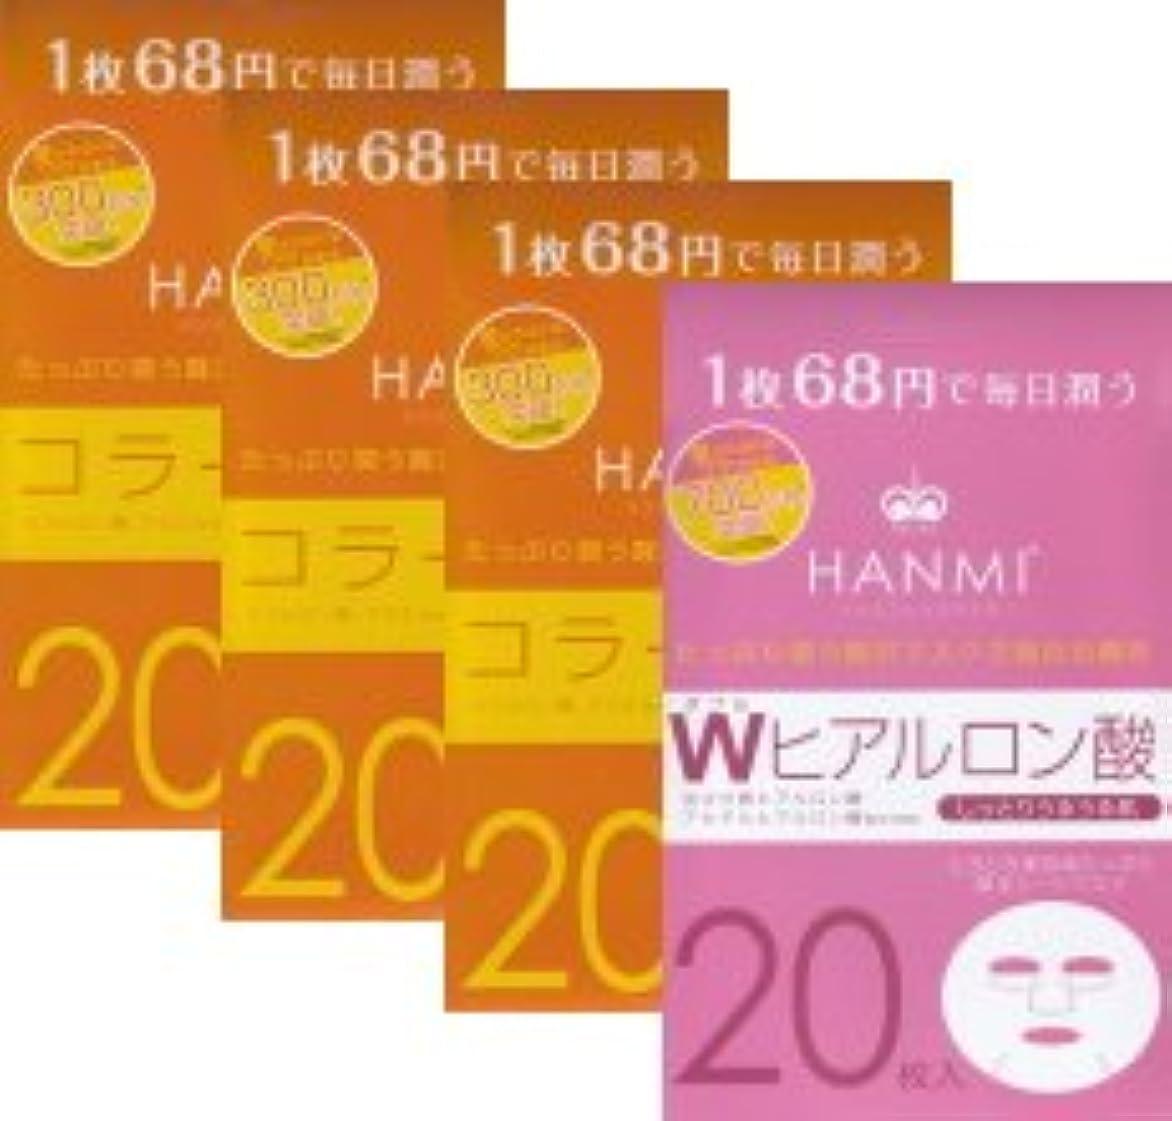 チーム感性資料MIGAKI ハンミフェイスマスク(20枚入り)「コラーゲン×3個」「Wヒアルロン酸×1個」の4個セット